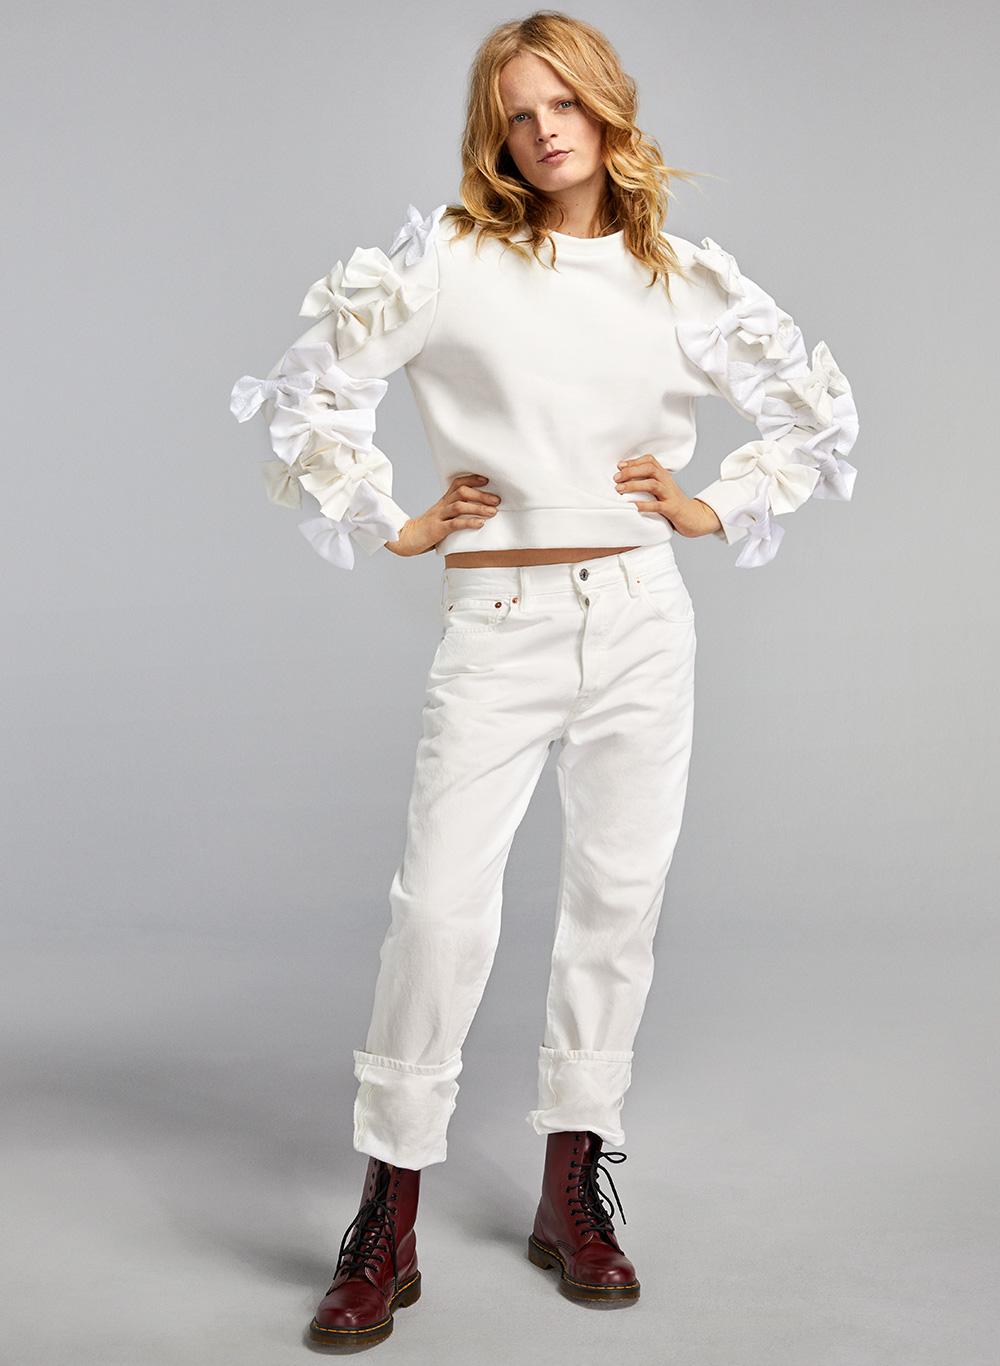 093578f0e5d Viktor&Rolf crea una collezione fatta con gli abiti invenduti di Zalando